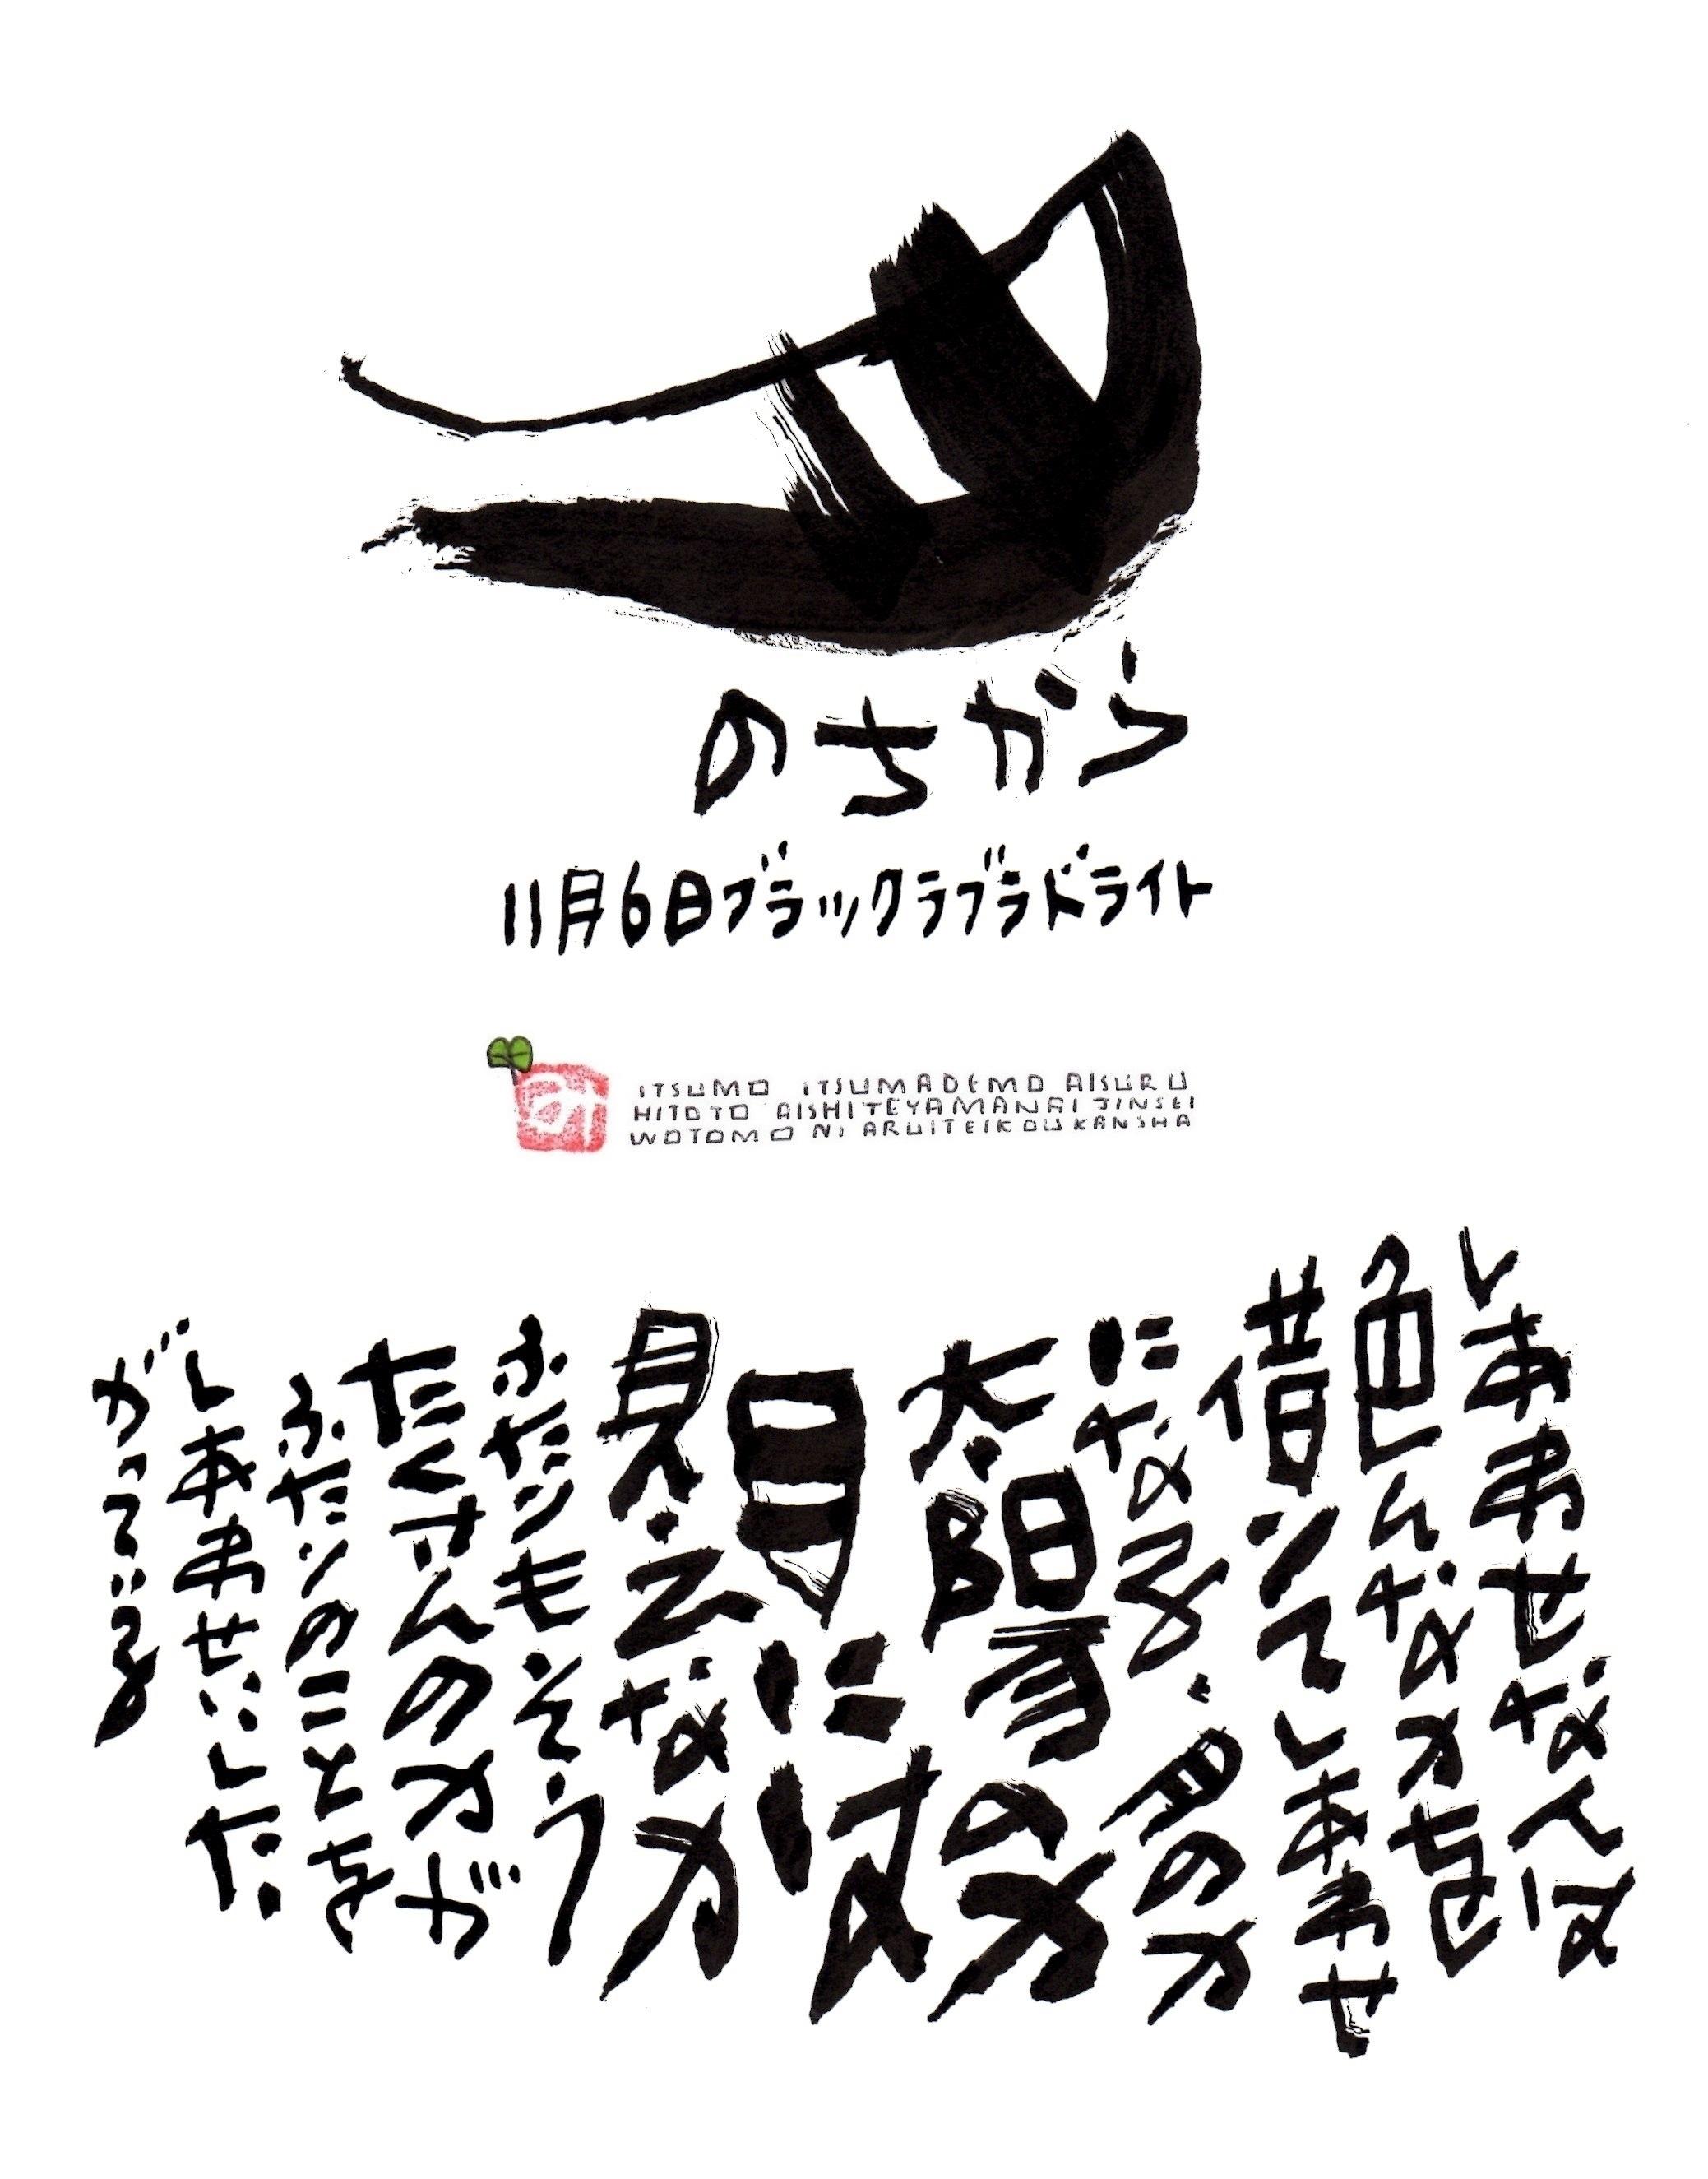 11月6日 結婚記念日ポストカード【月のちから】